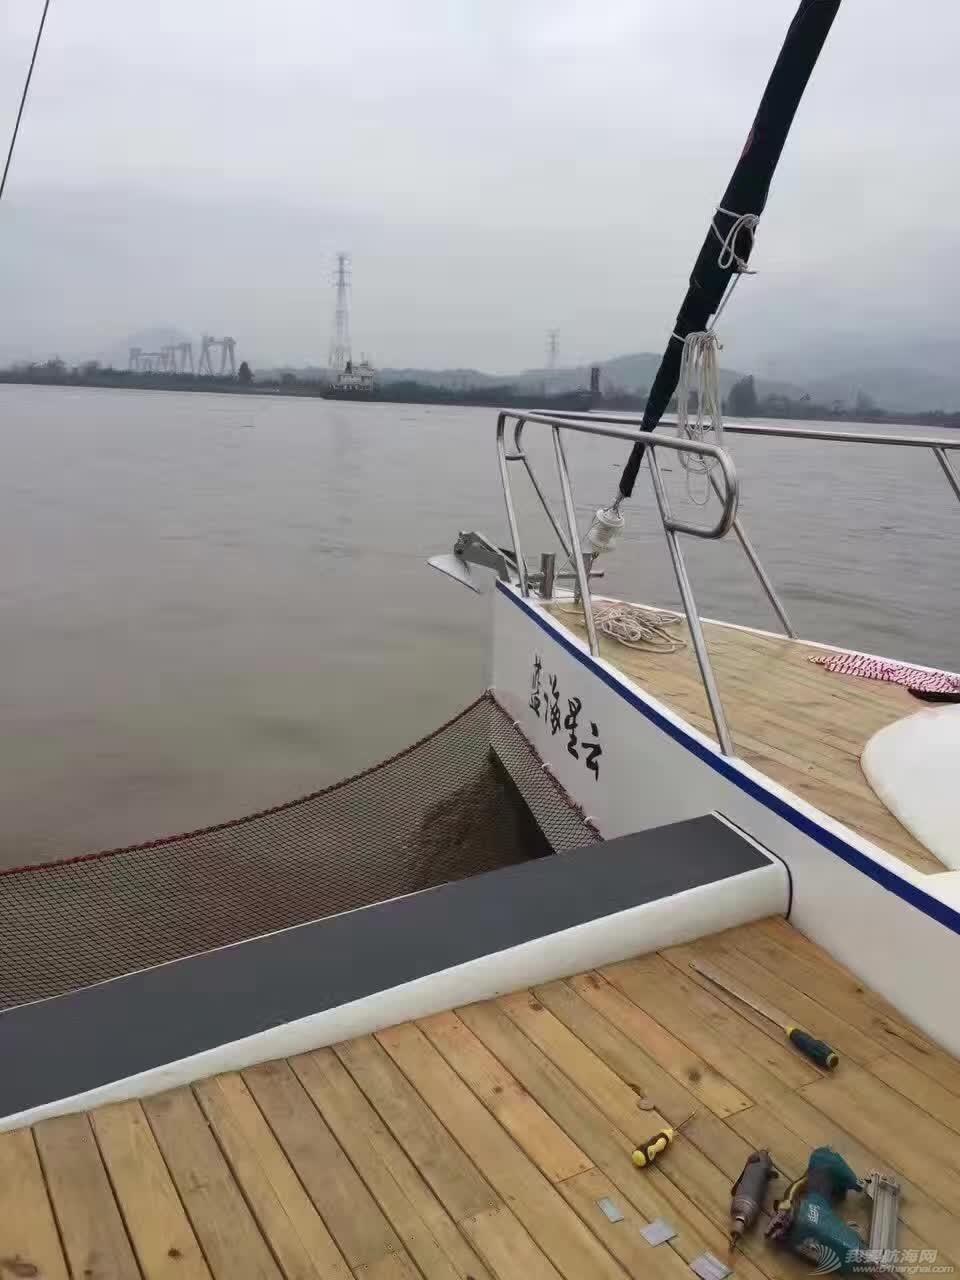 帆船 三体帆船上水 WeChatImage636150122956391188.jpg